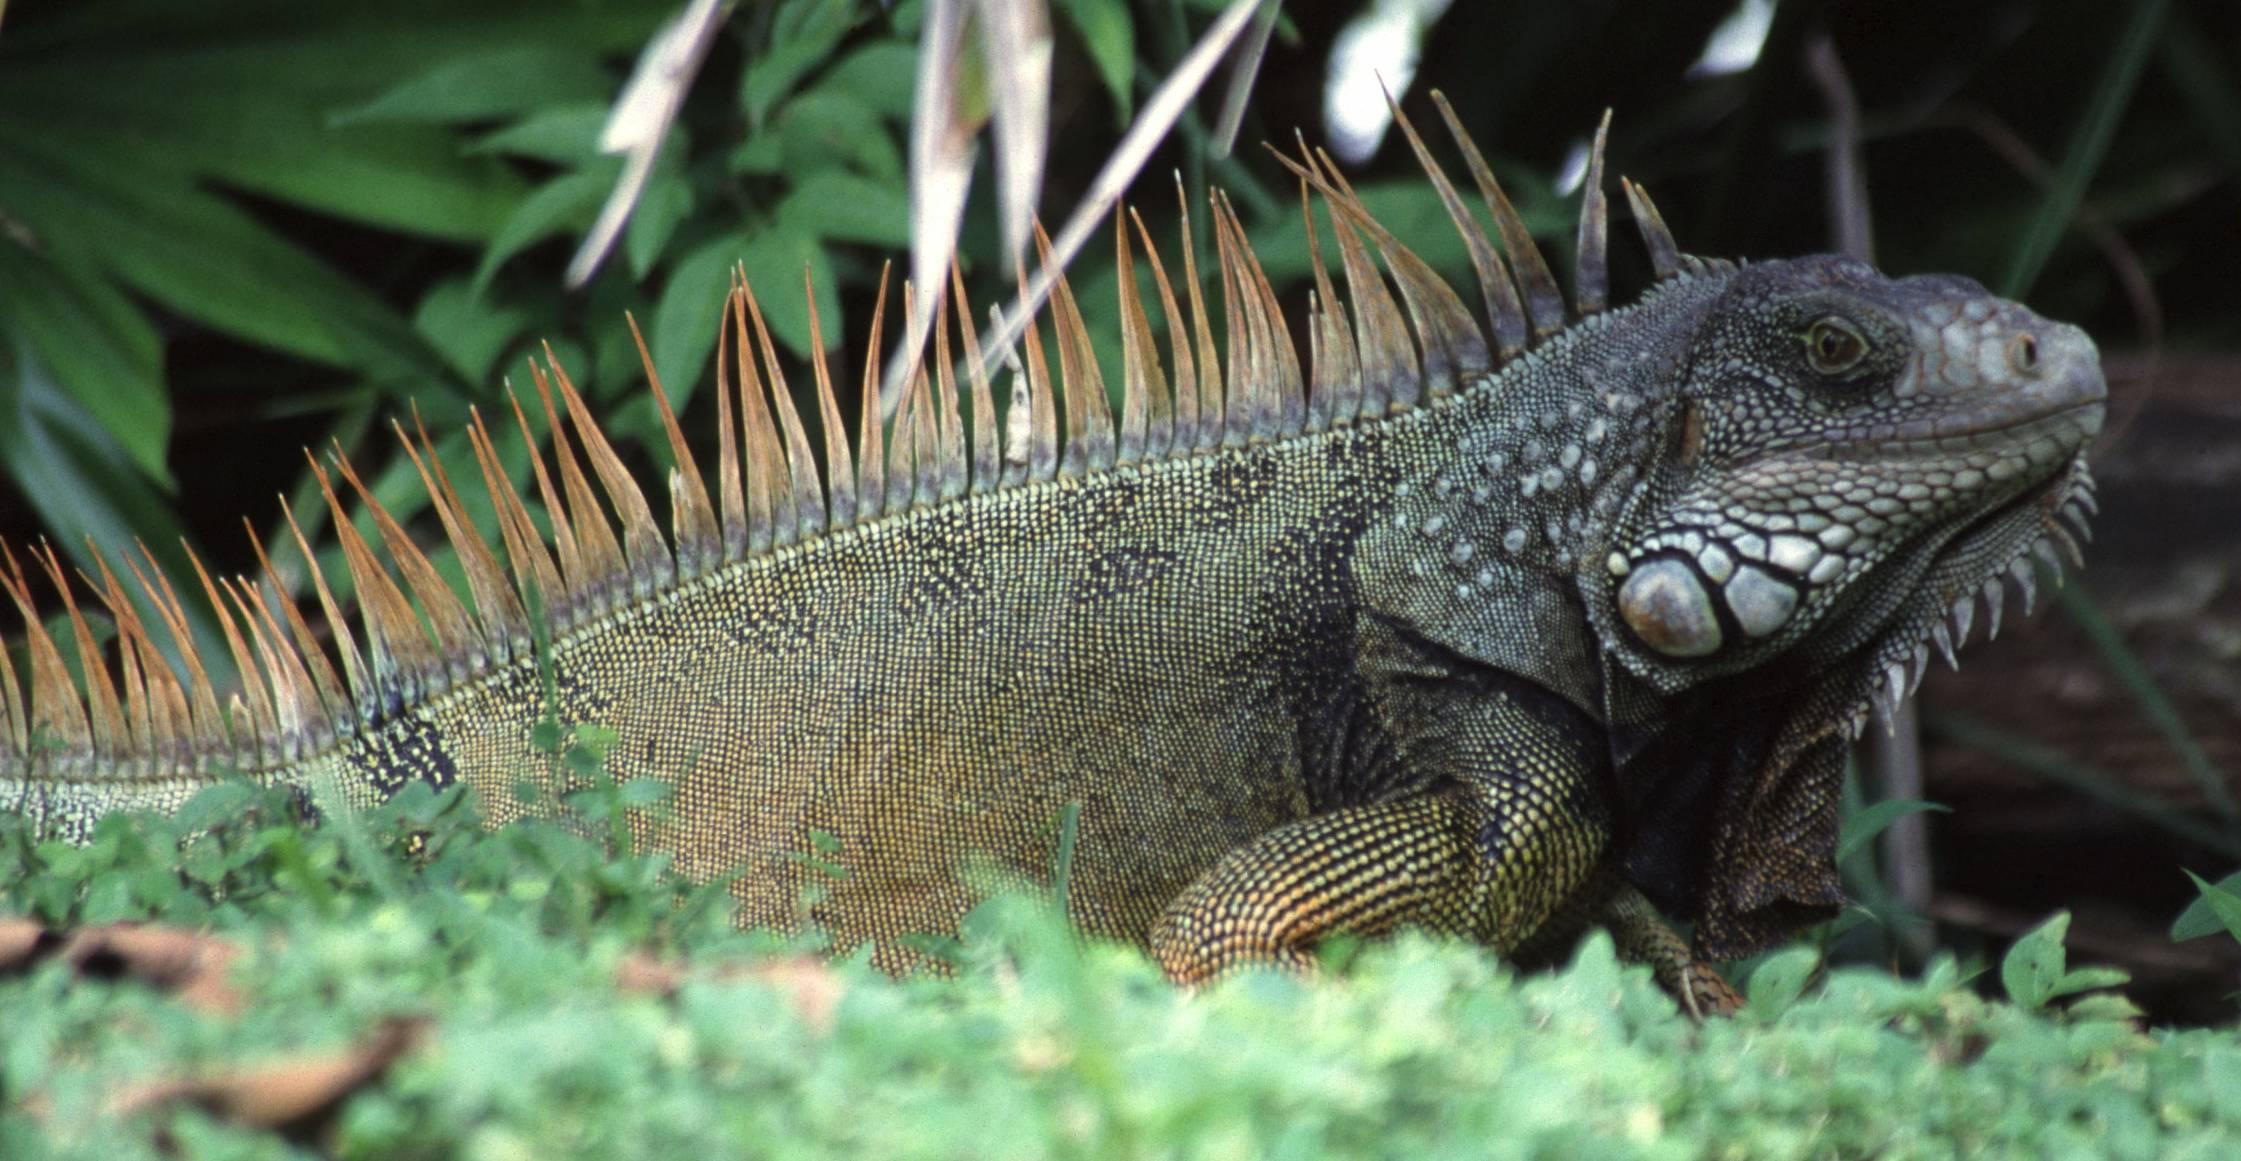 96 Gambar Hewan Reptil Dan Nama Latinnya Terbaik